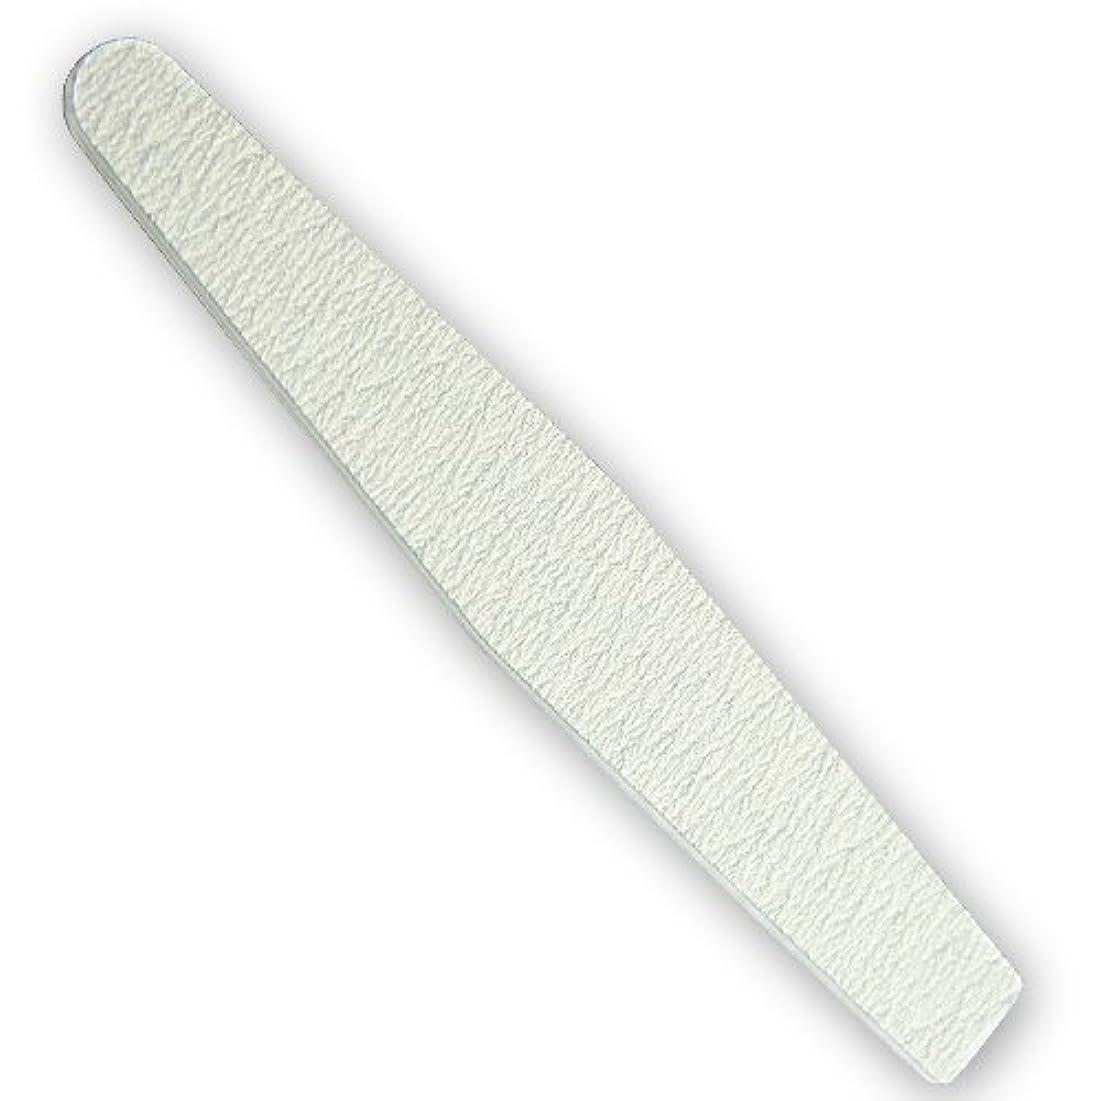 解体する解き明かす解き明かすジェルネイル用ファイル100/180(爪やすり)シンプルで使いやすい